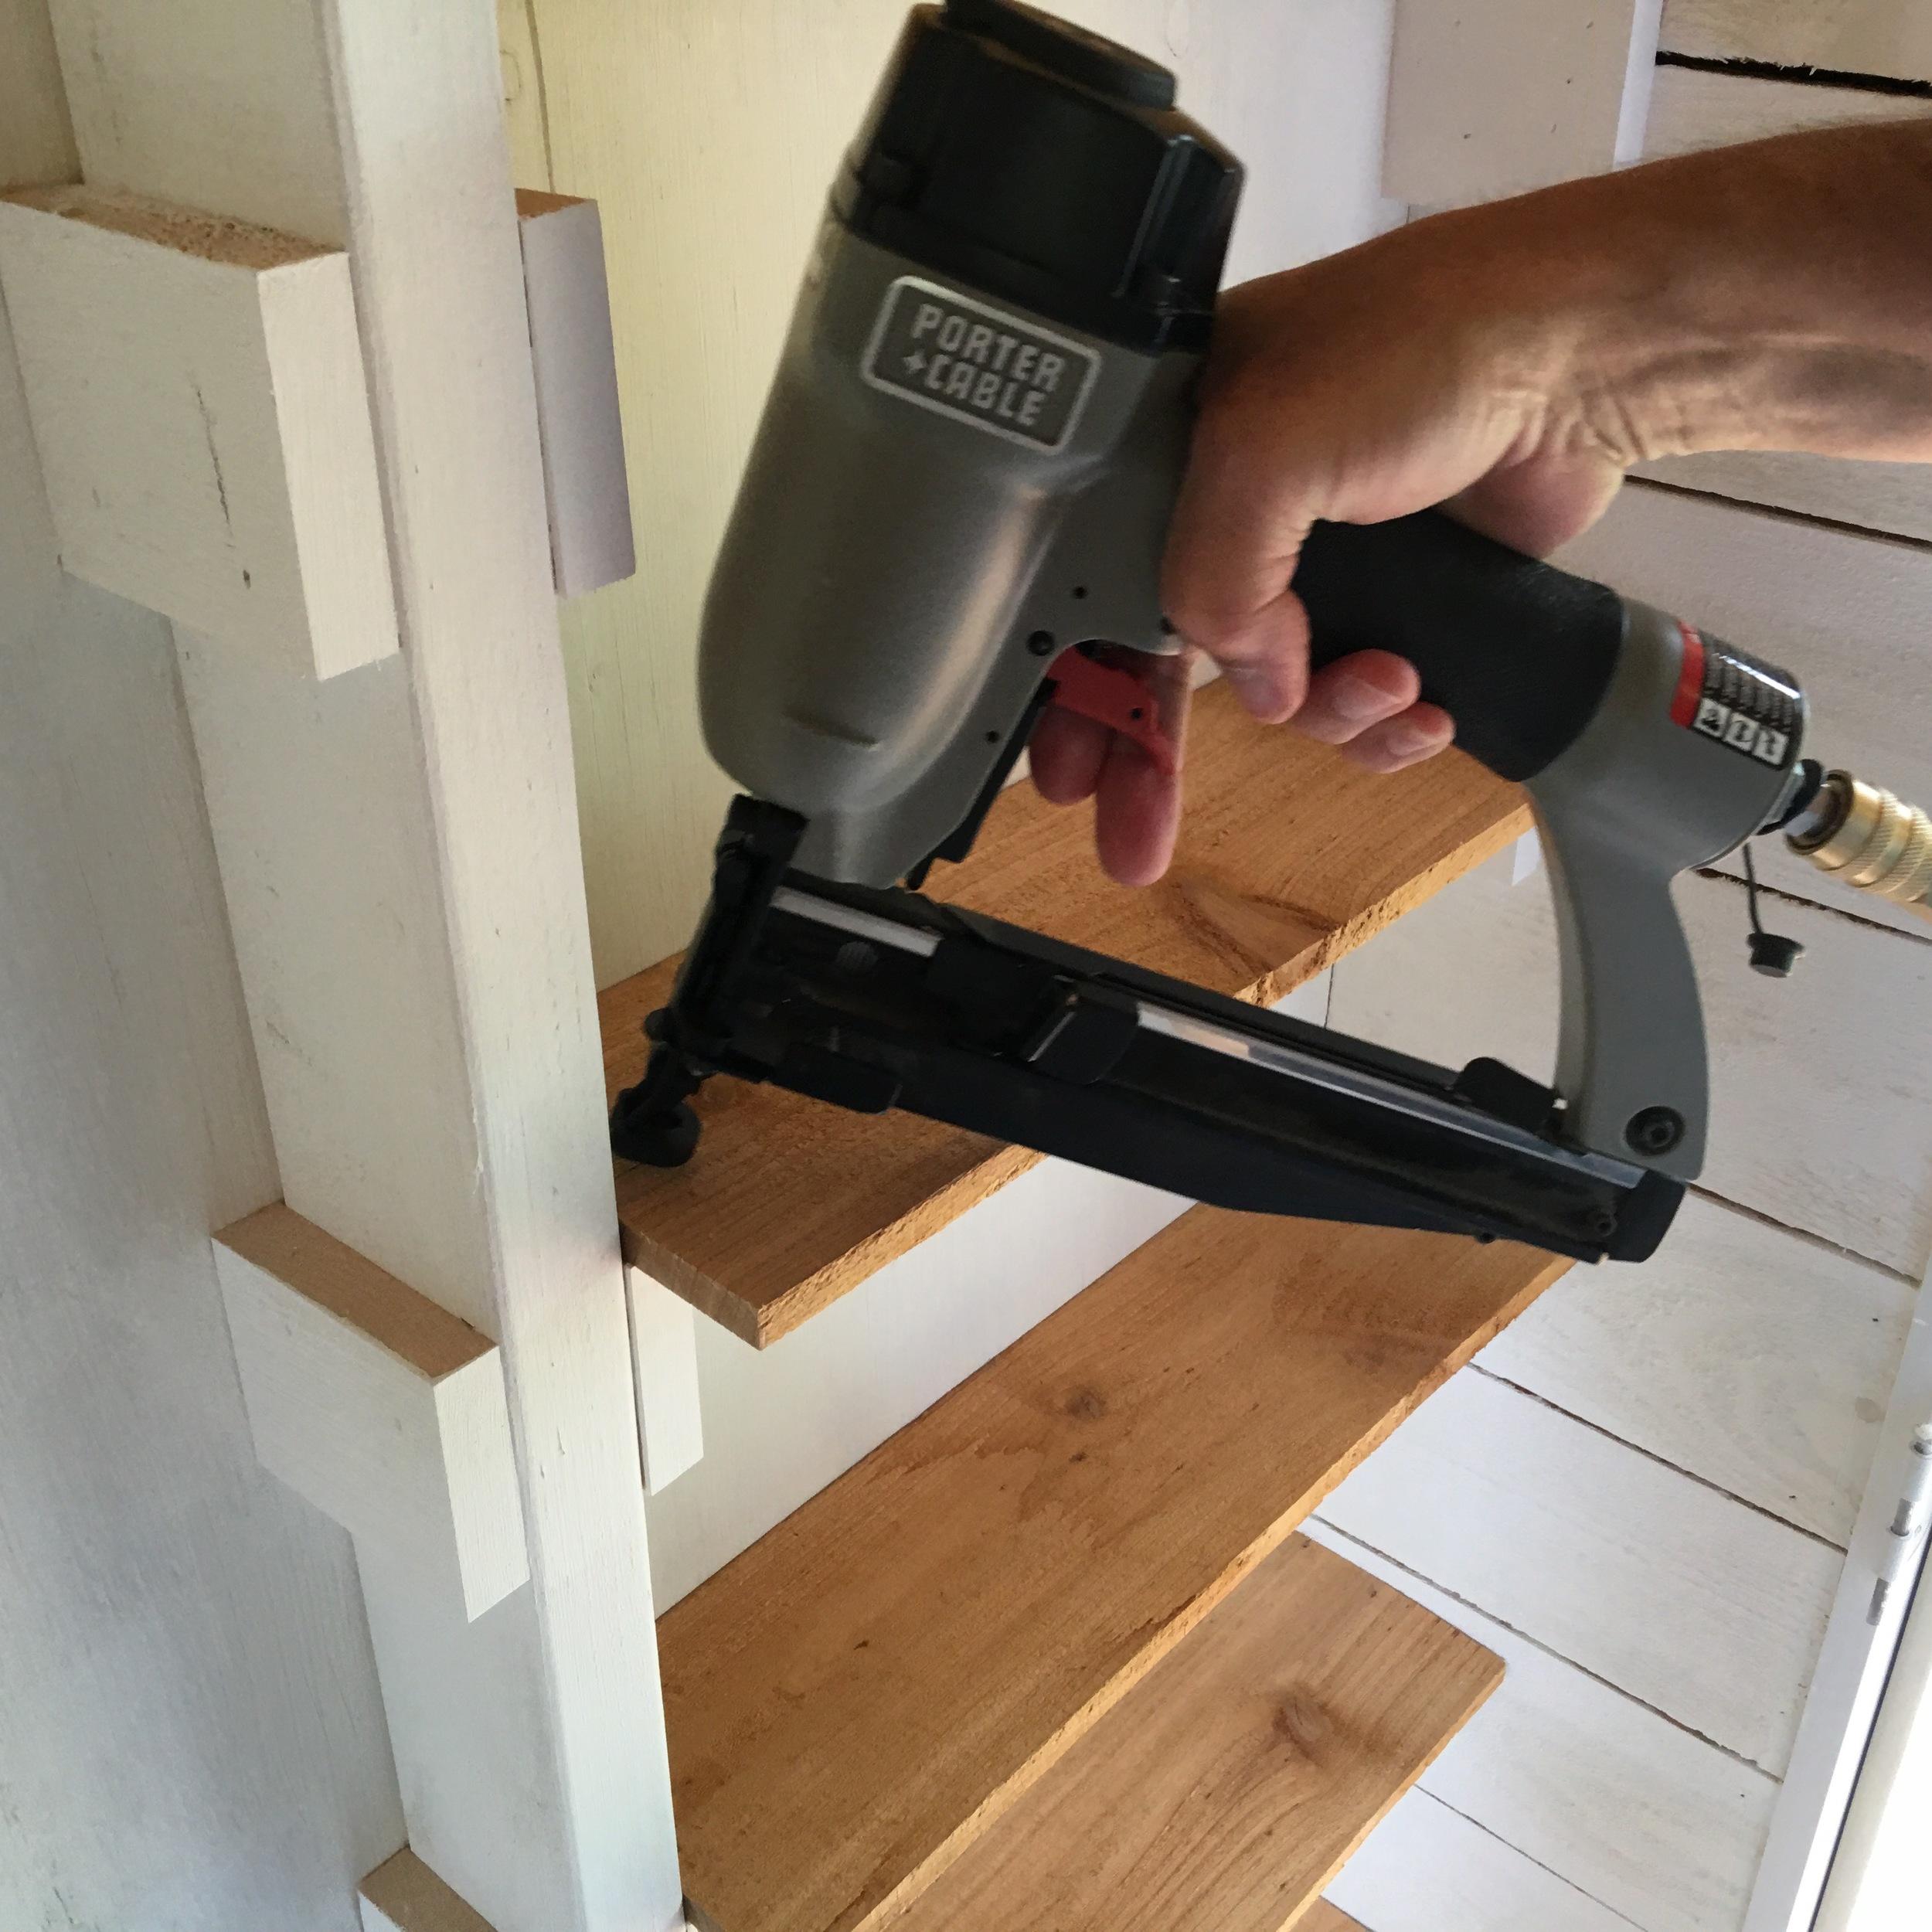 Tim installing the shelves.